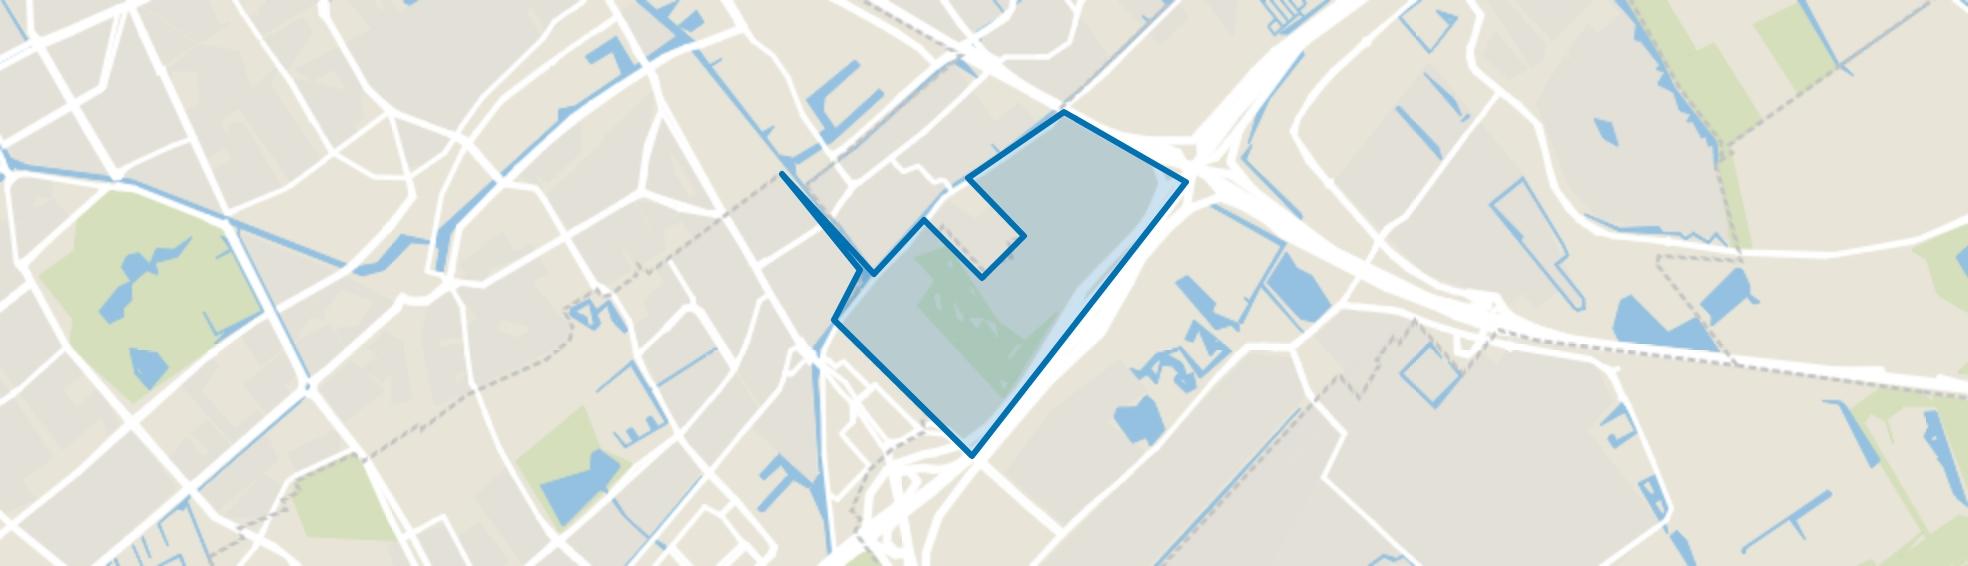 Vlietzoom-West, Den Haag map